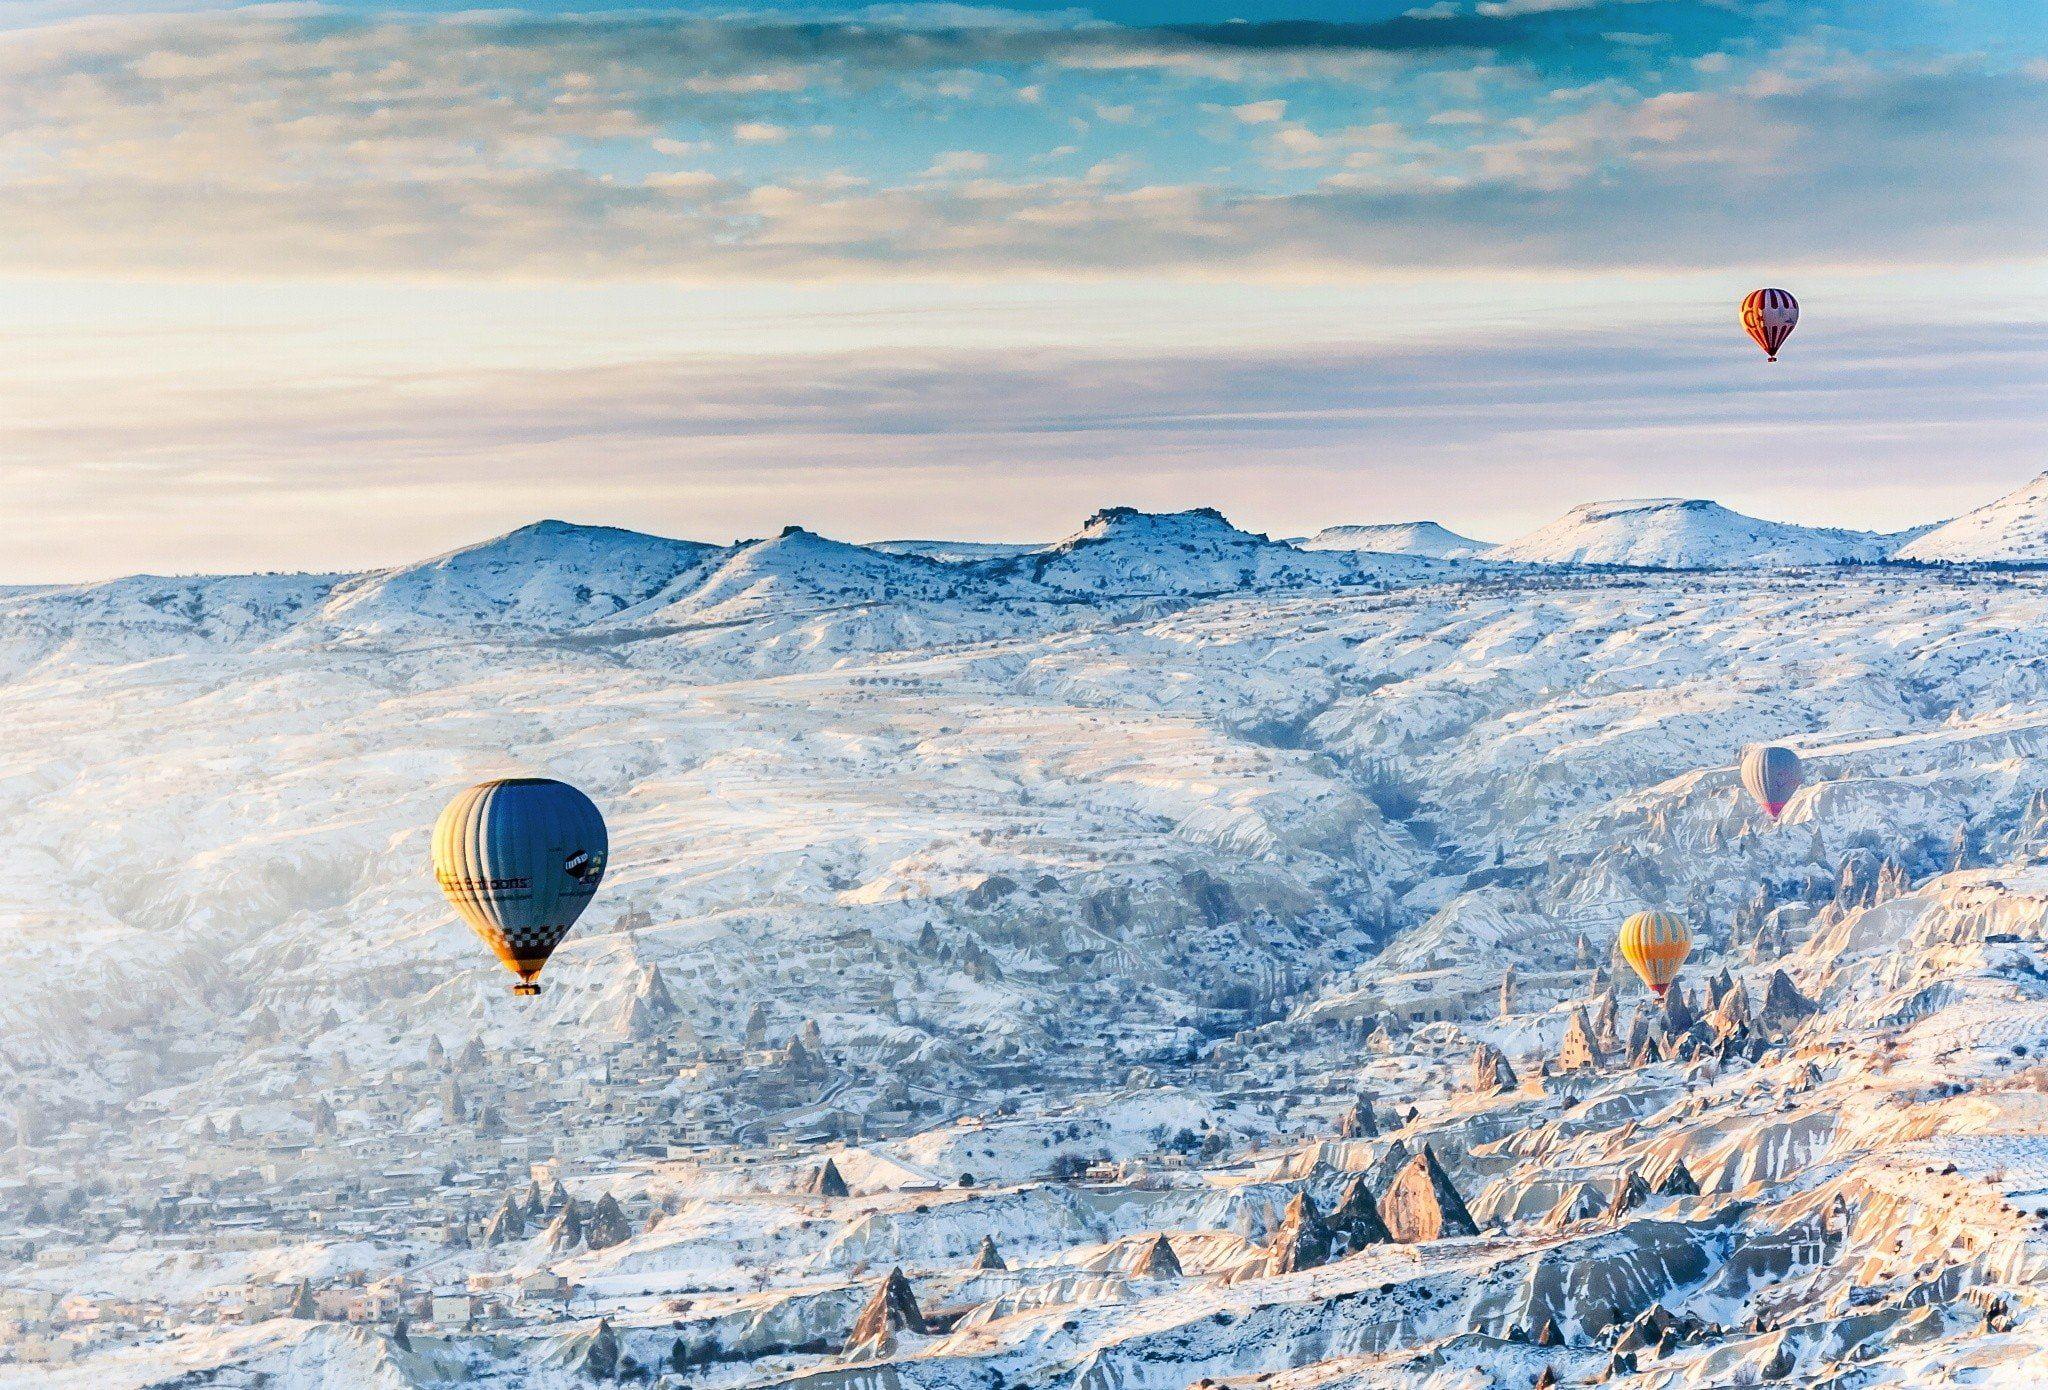 Cappadocia Hot air balloon hot air balloon